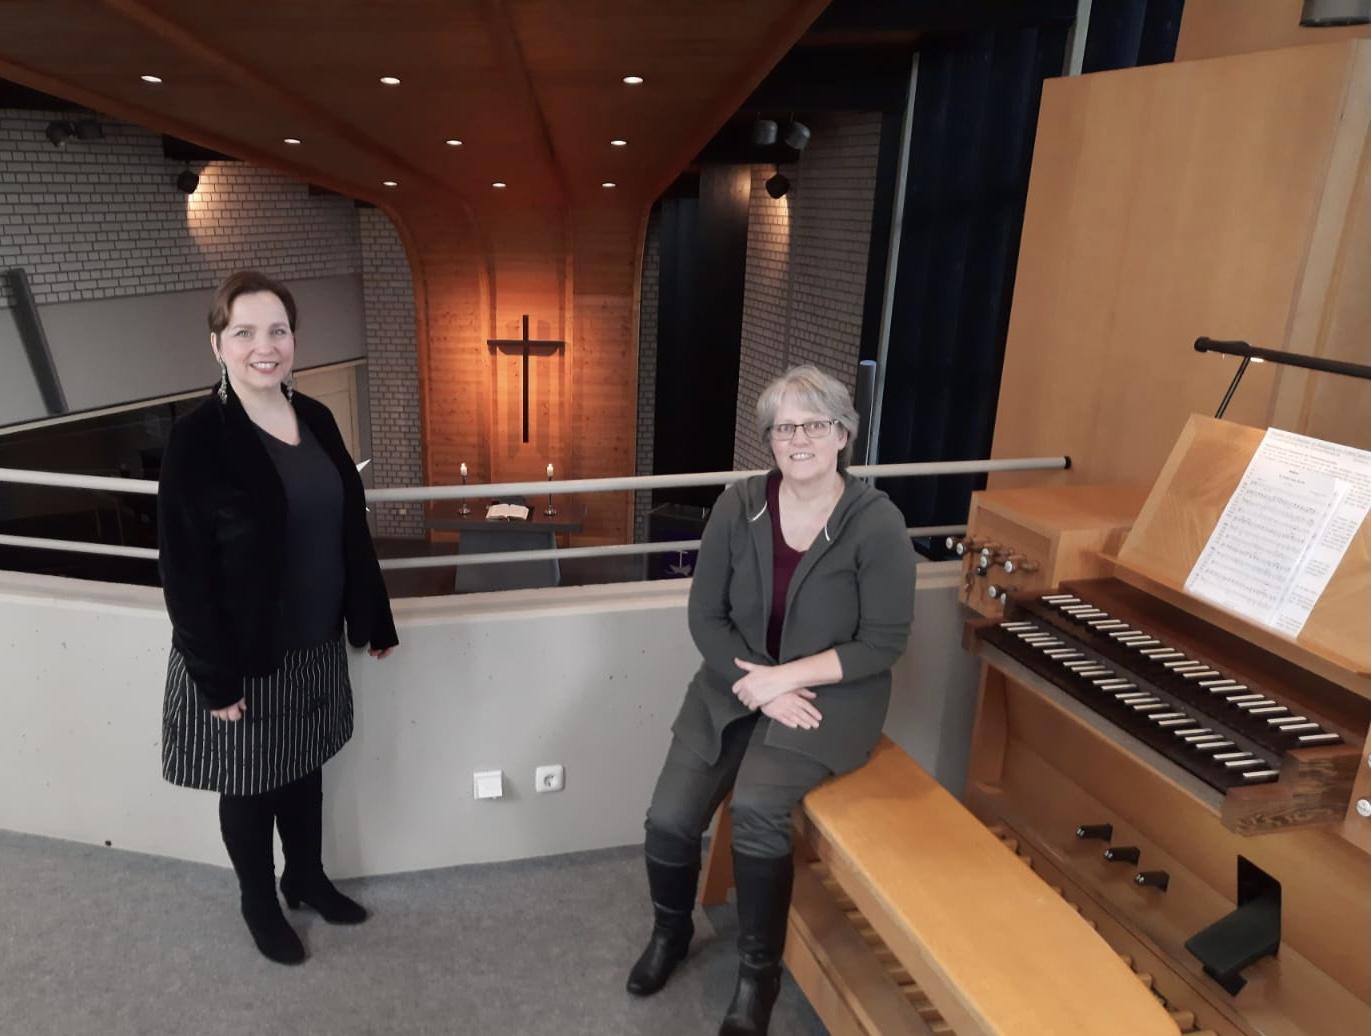 24.12.2020: Gottesdienst mit musikalischer Gestaltung – Online-Gottesdienst